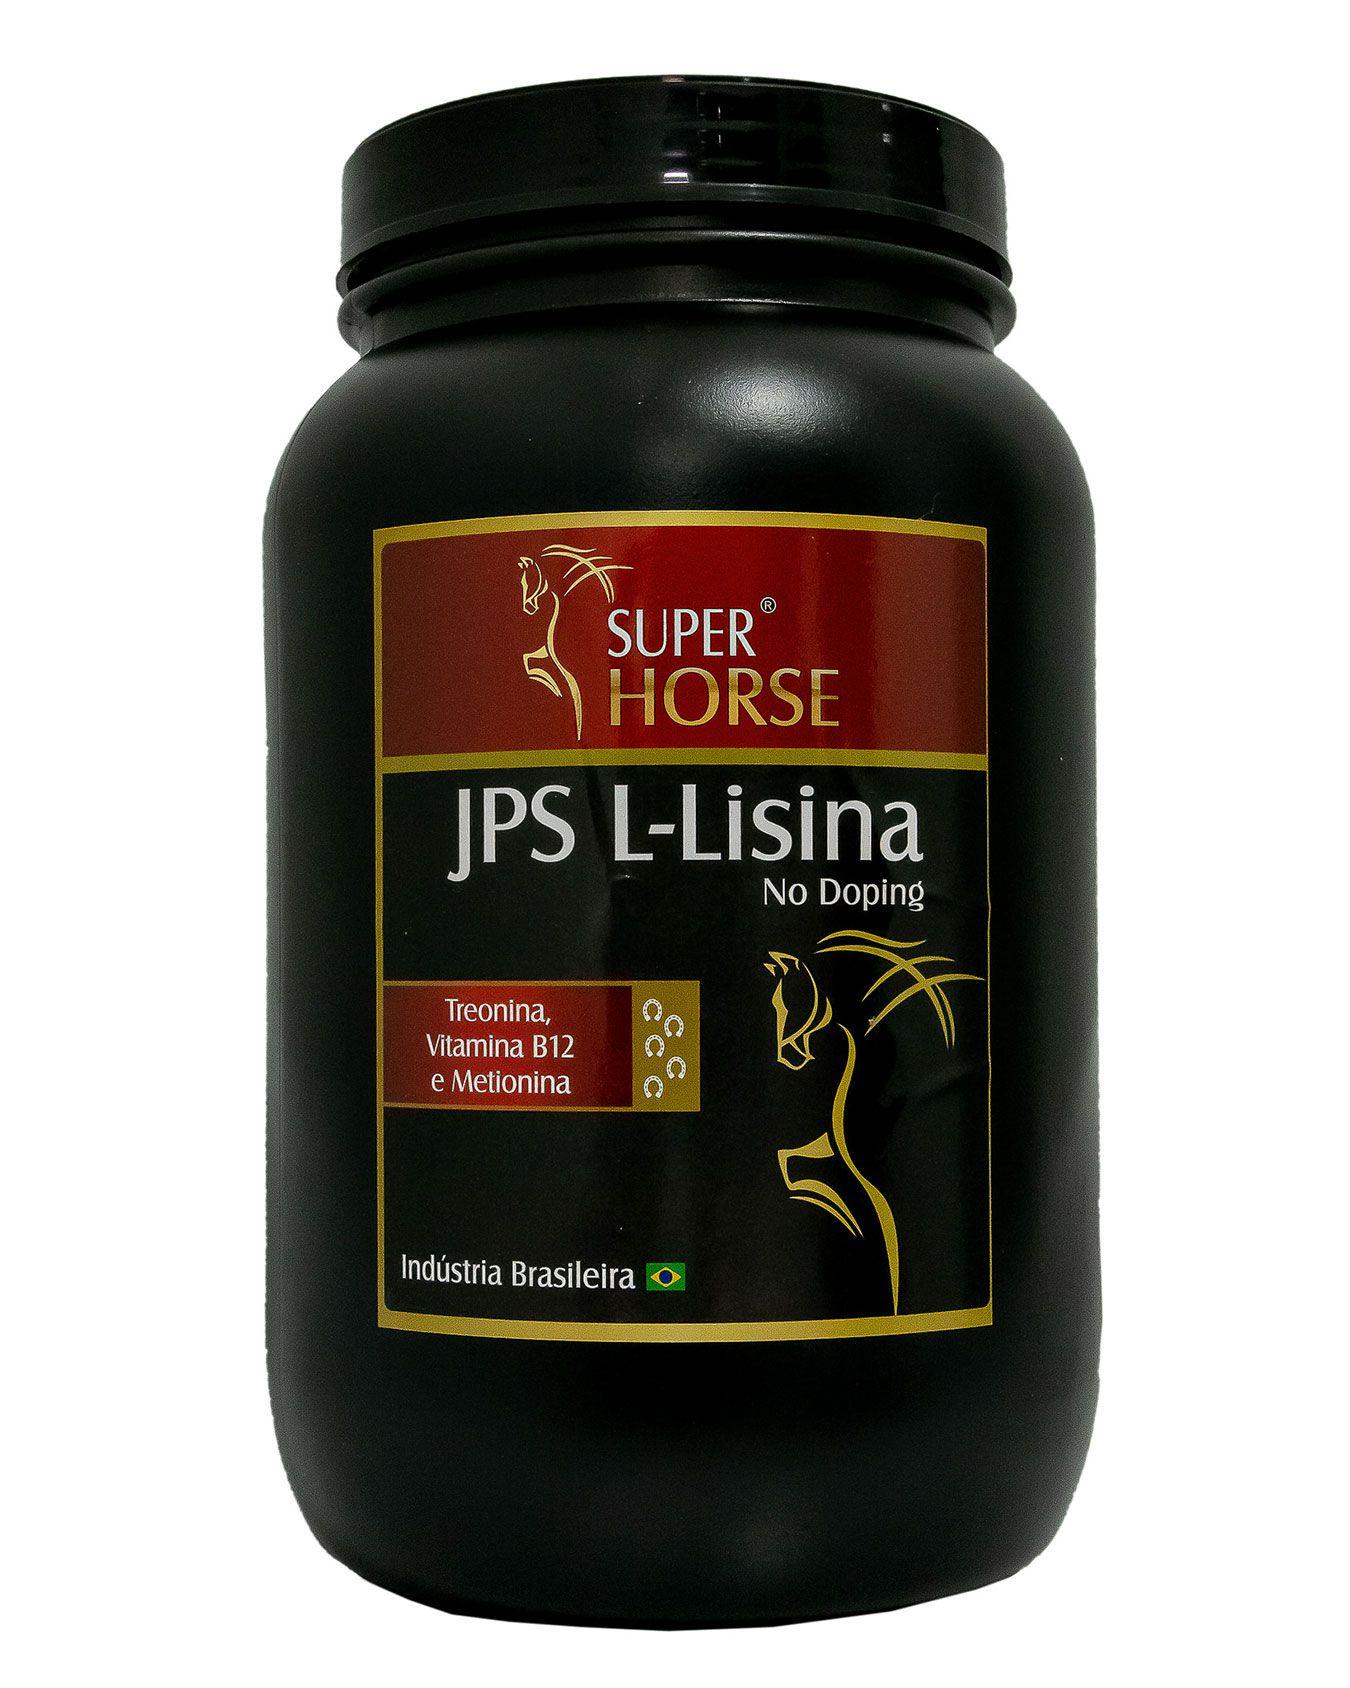 Super Horse JPS Lisina, 3 kg rende em até 120 dias.